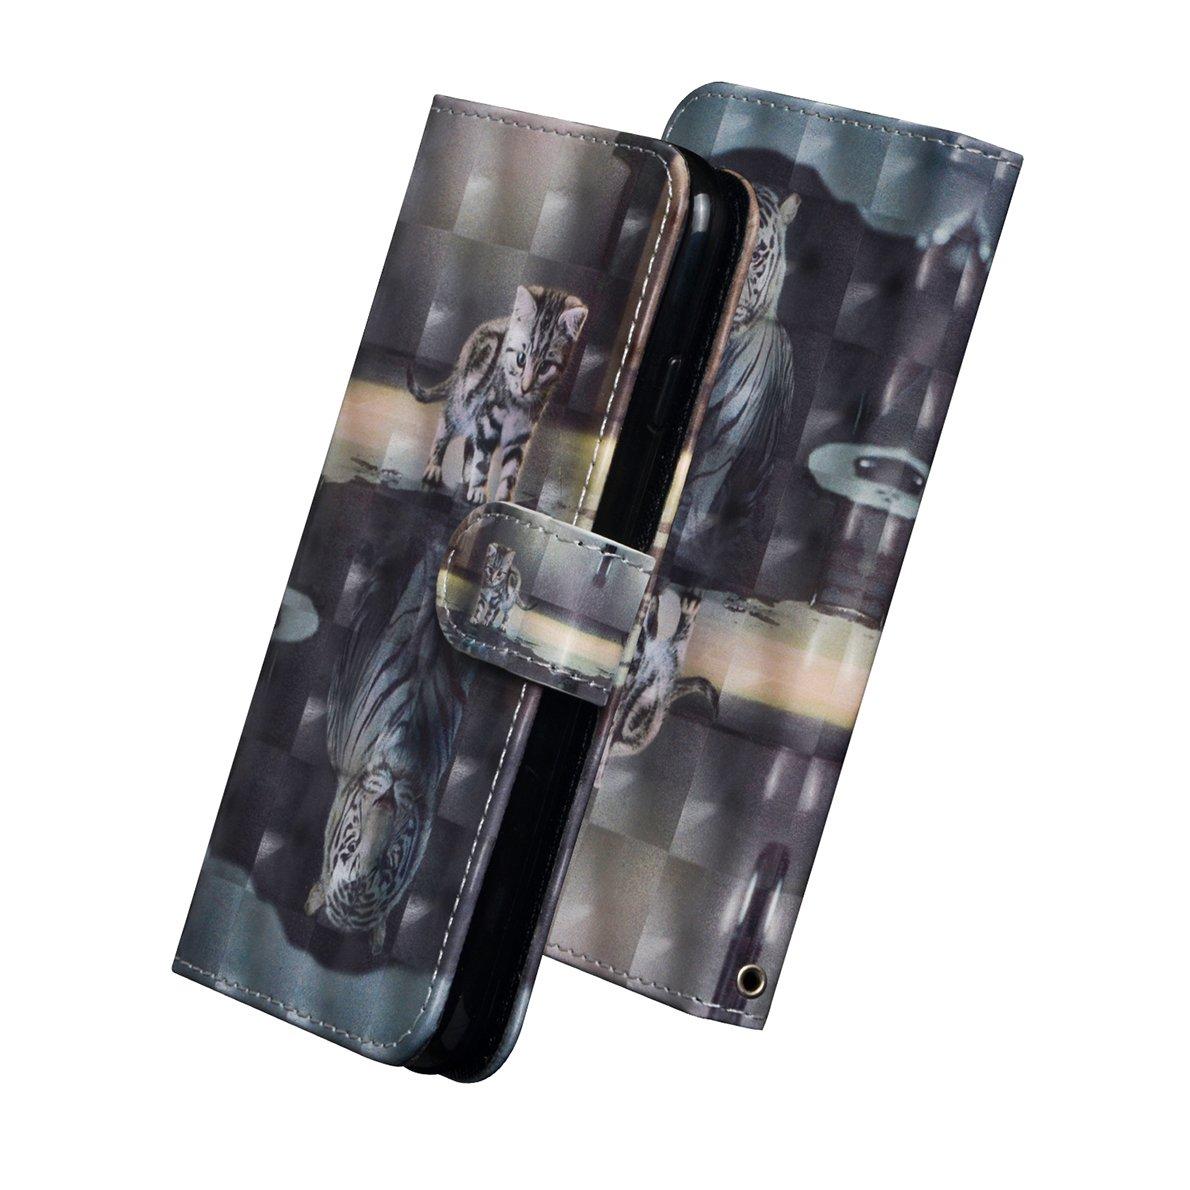 Tarjetero y Funci/ón de Suporte Samsung Galaxy S8 Plus Funda SHUYIT Alta Calidad 3D PU Cuero Billetera Flip Case Cover Carcasa para Samsung Galaxy S8 Plus Fundas Caso con Cierre Magn/ético